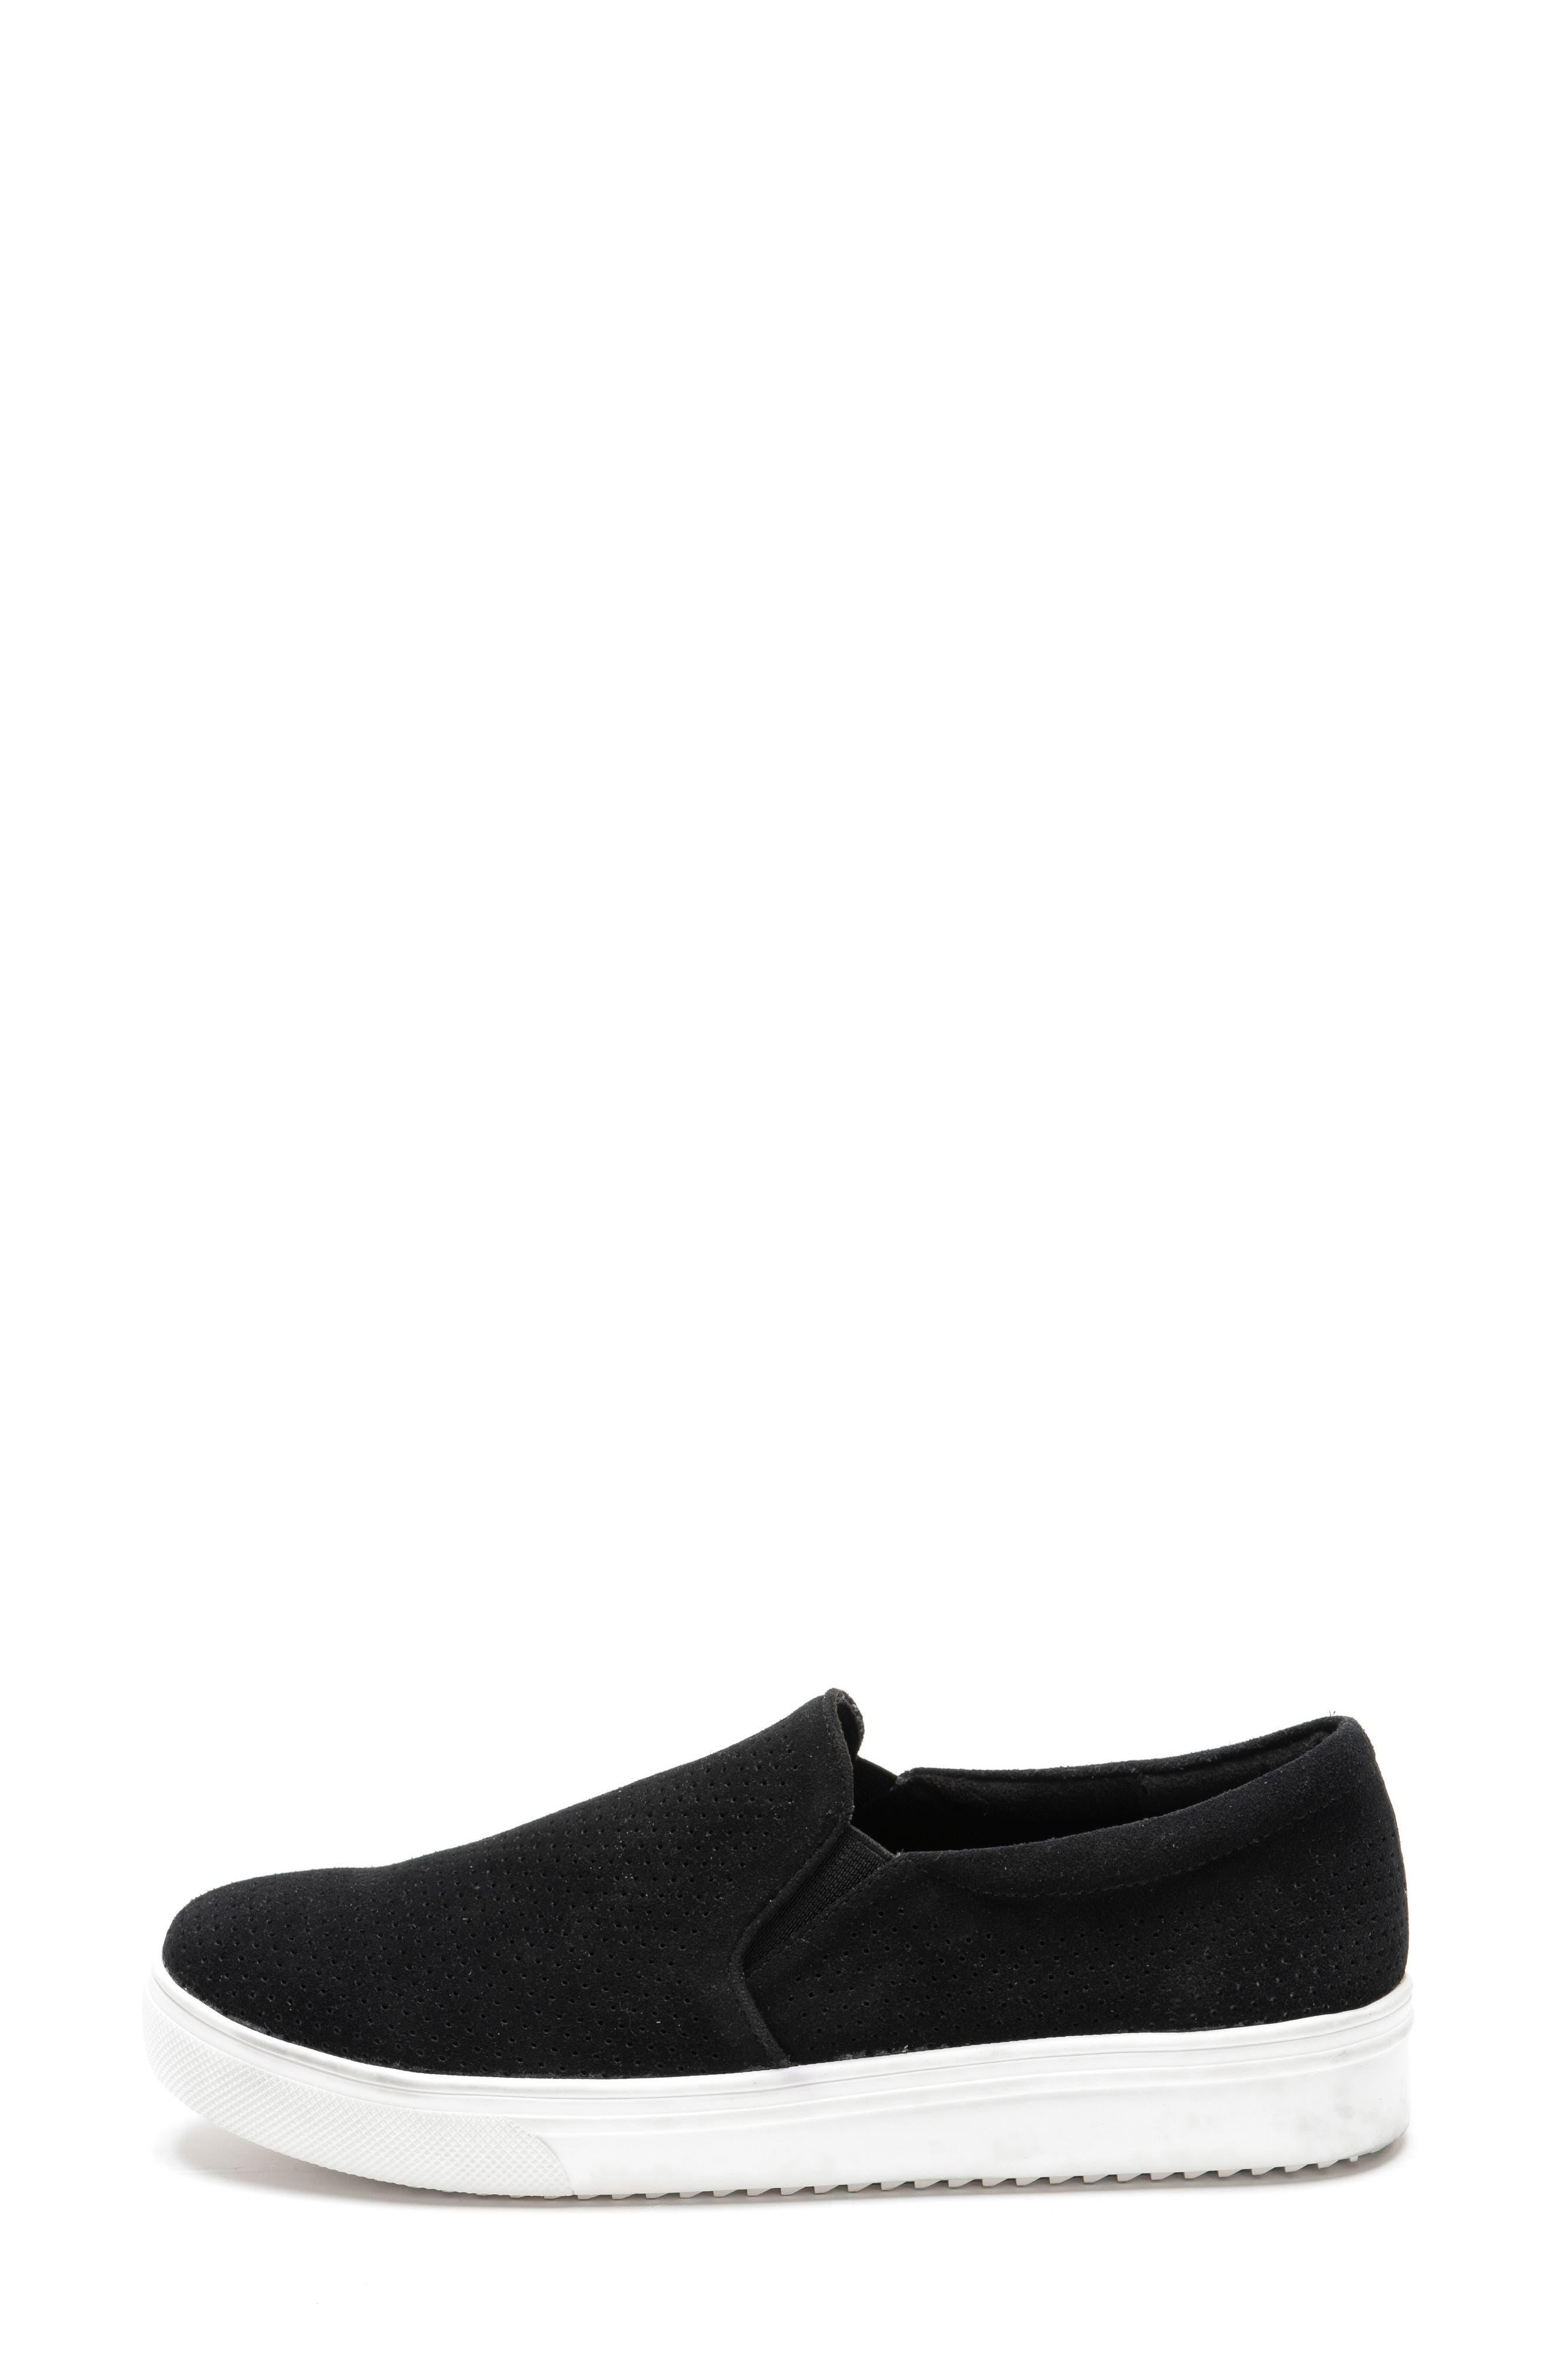 Gallert Perforated Waterproof Platform Sneaker,                             Alternate thumbnail 3, color,                             BLACK SUEDE